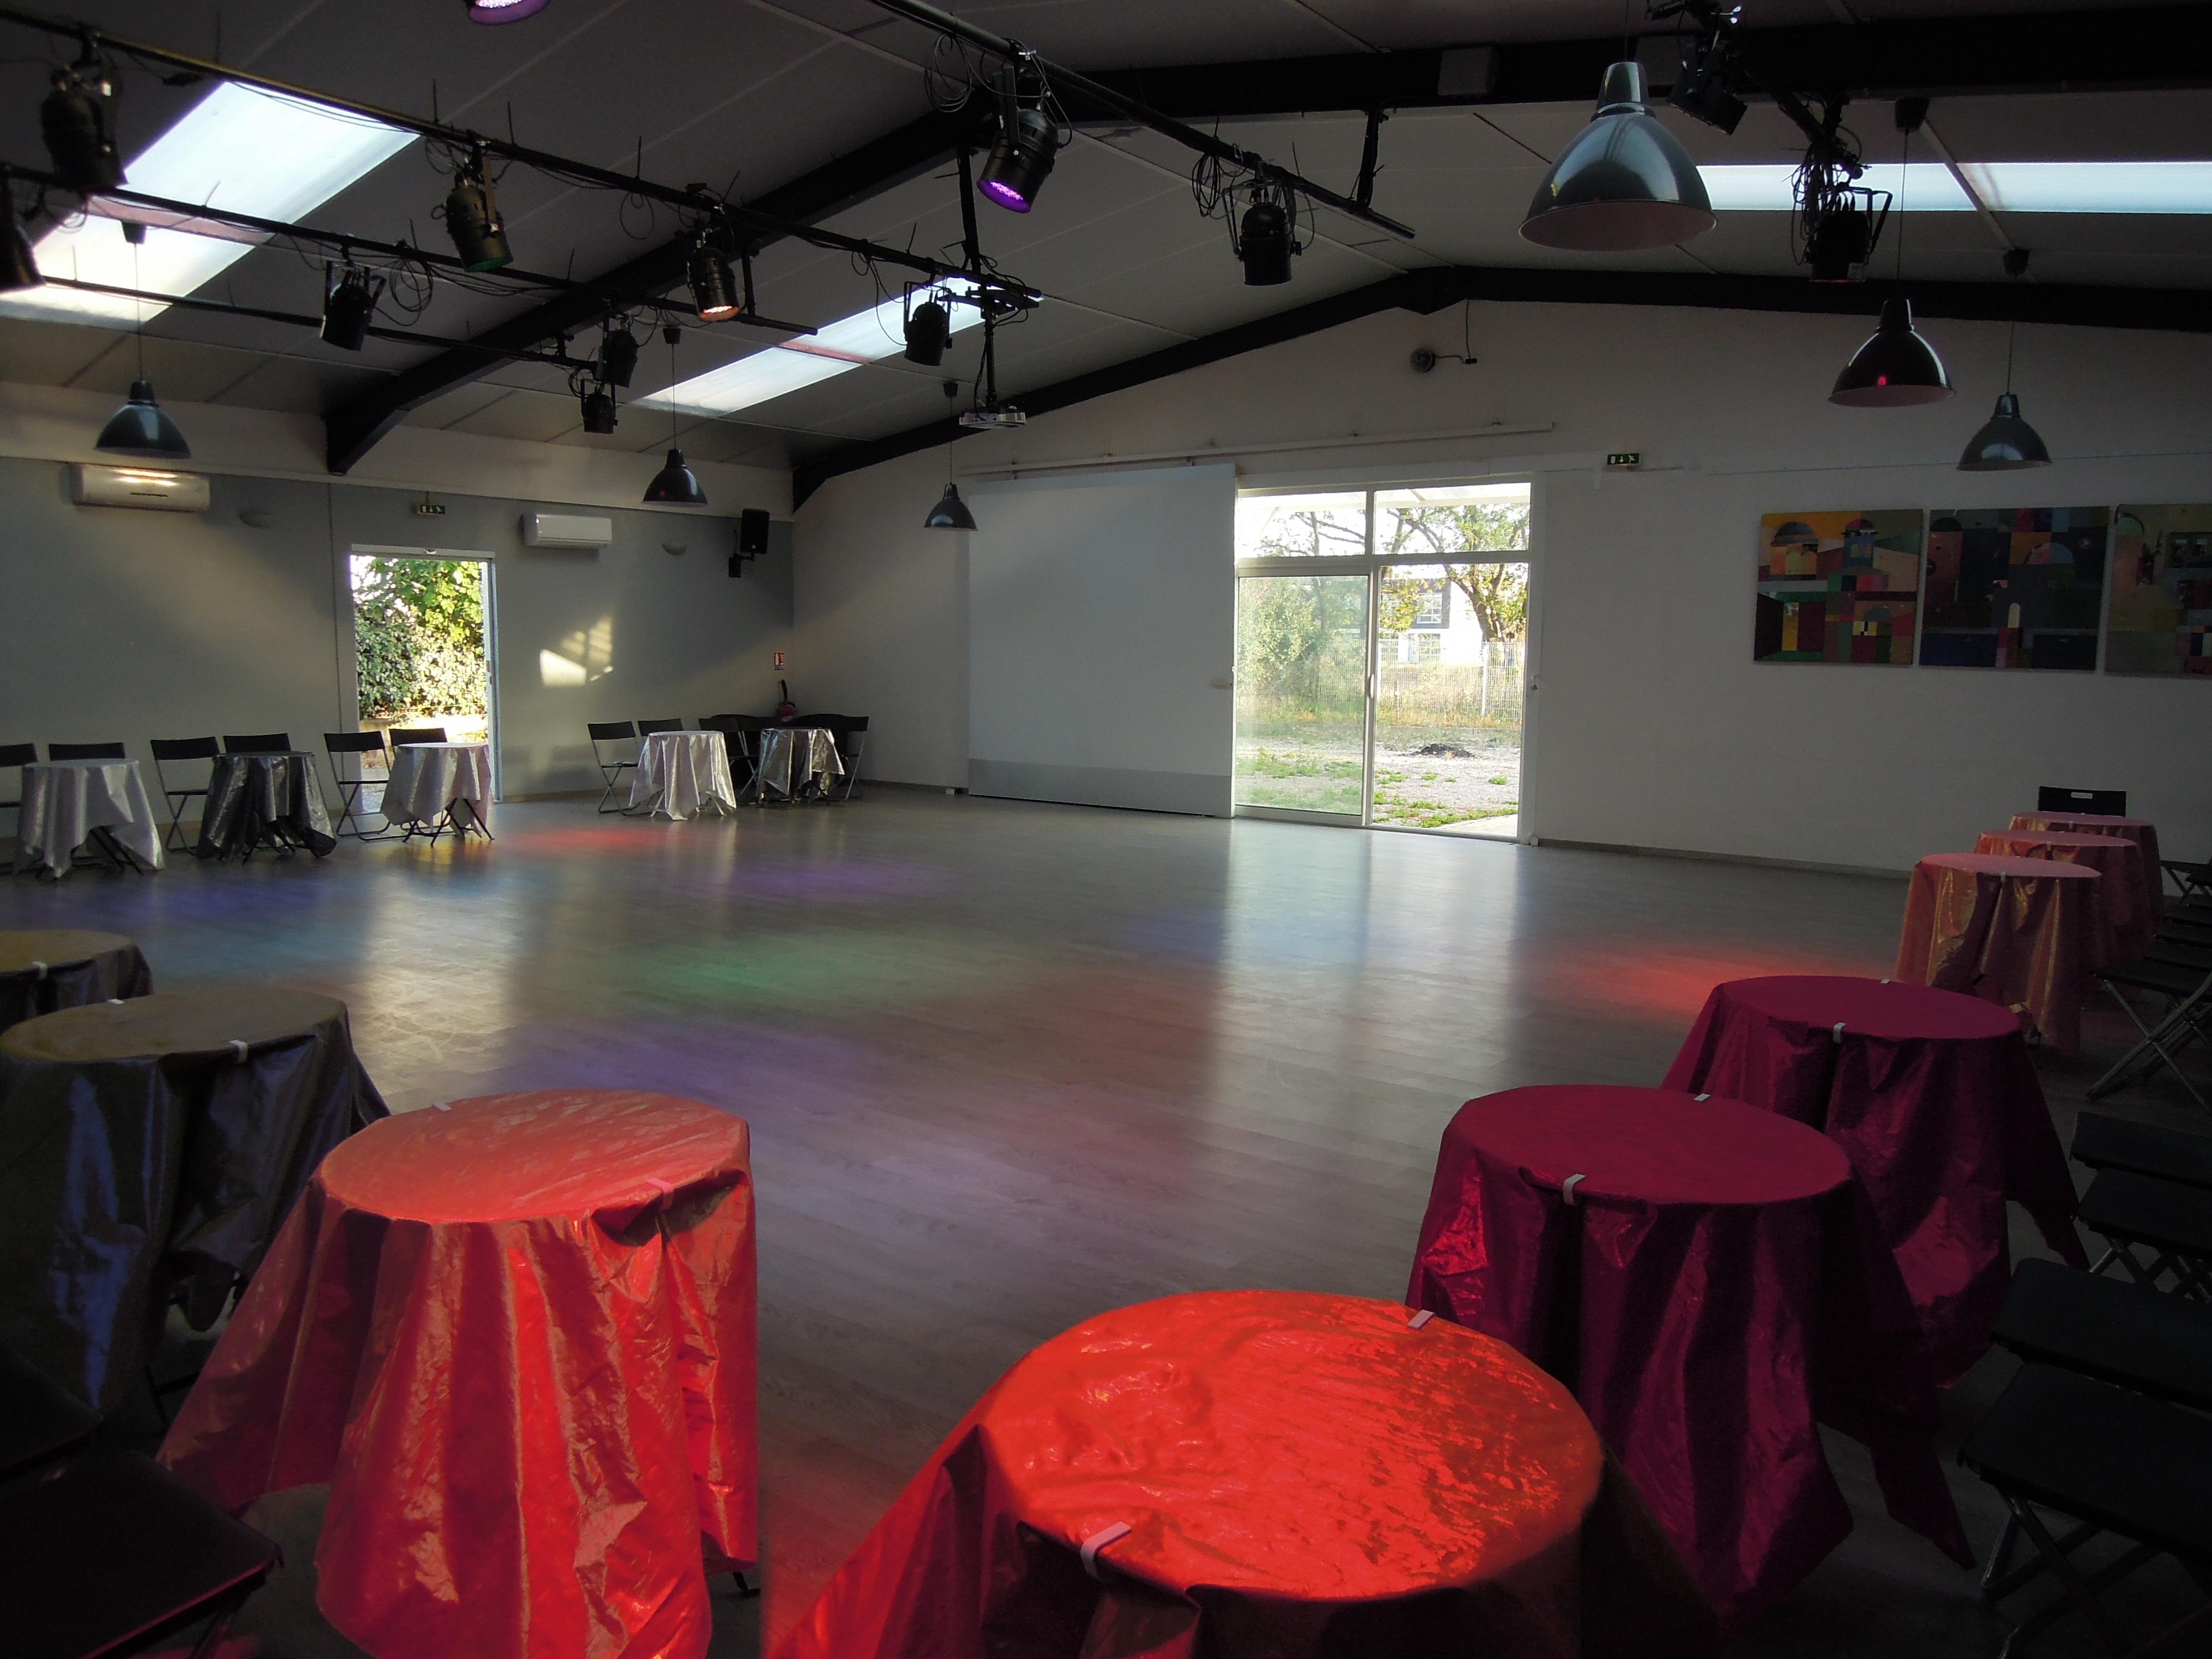 Location de salle mise disposition el sal n de tango for Salon ce montpellier